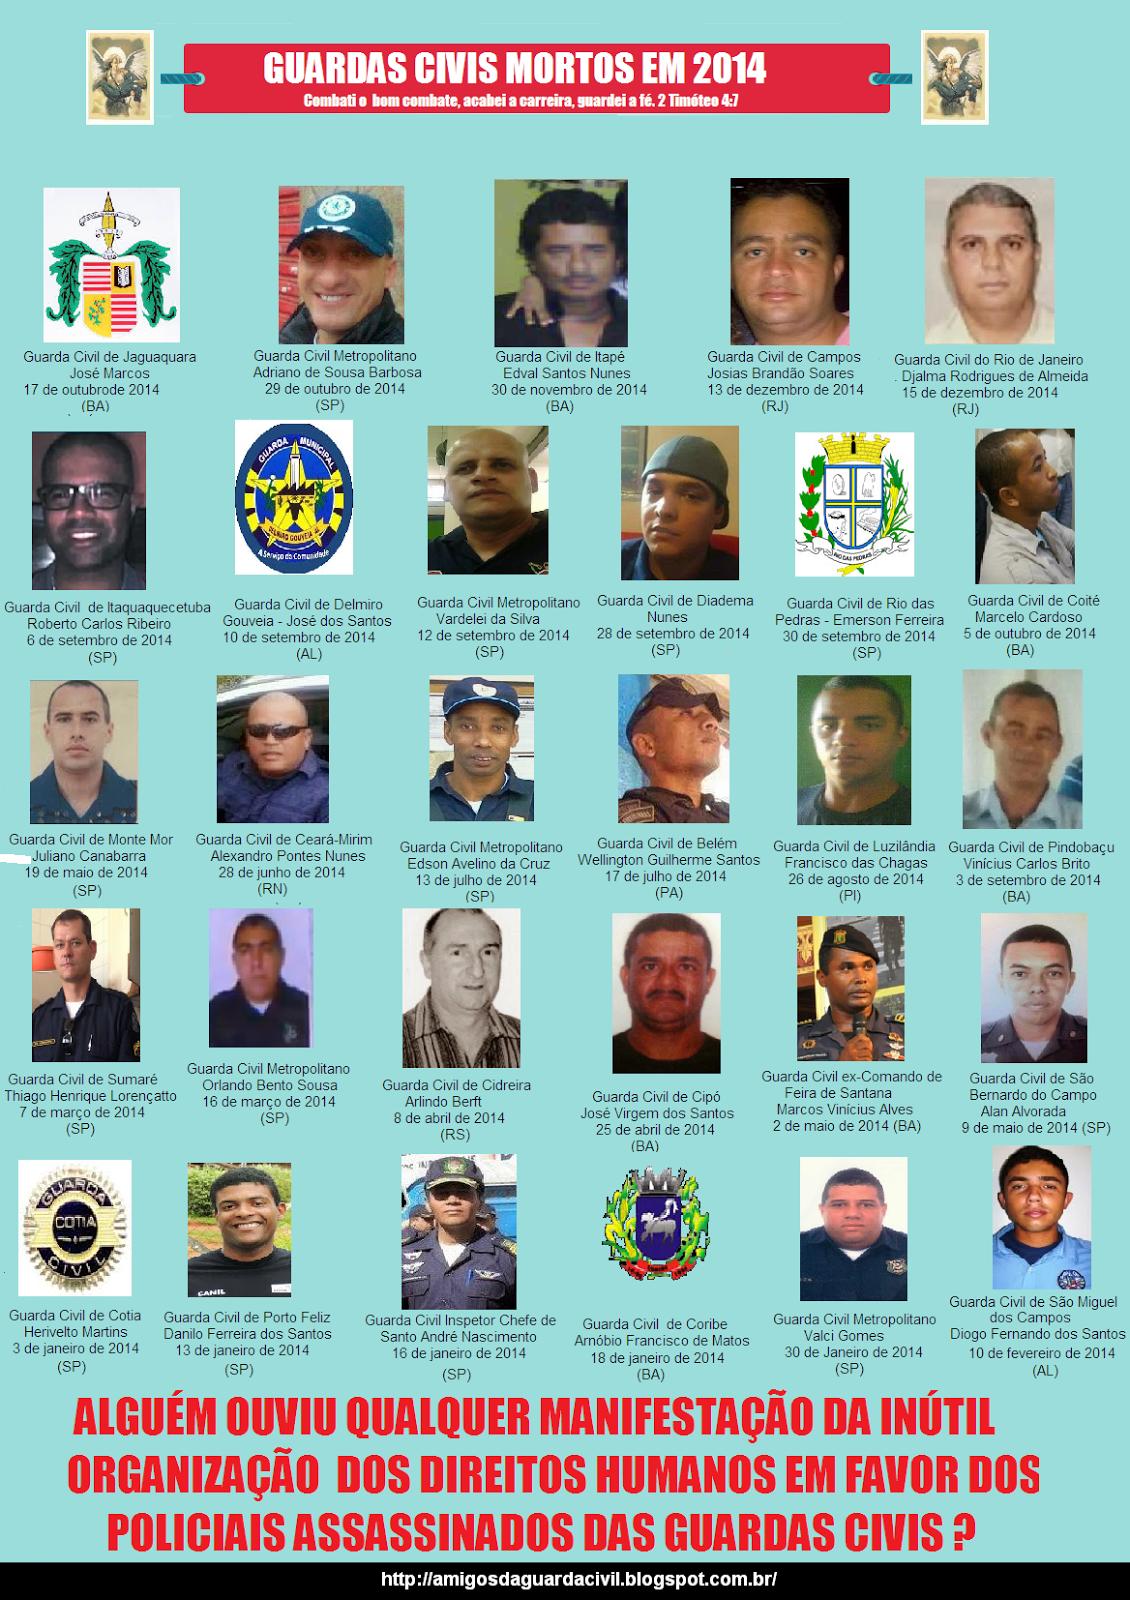 Lembre-se dos Guardas Civis que tombaram em 2014 vítimas da violência que consome nosso país !